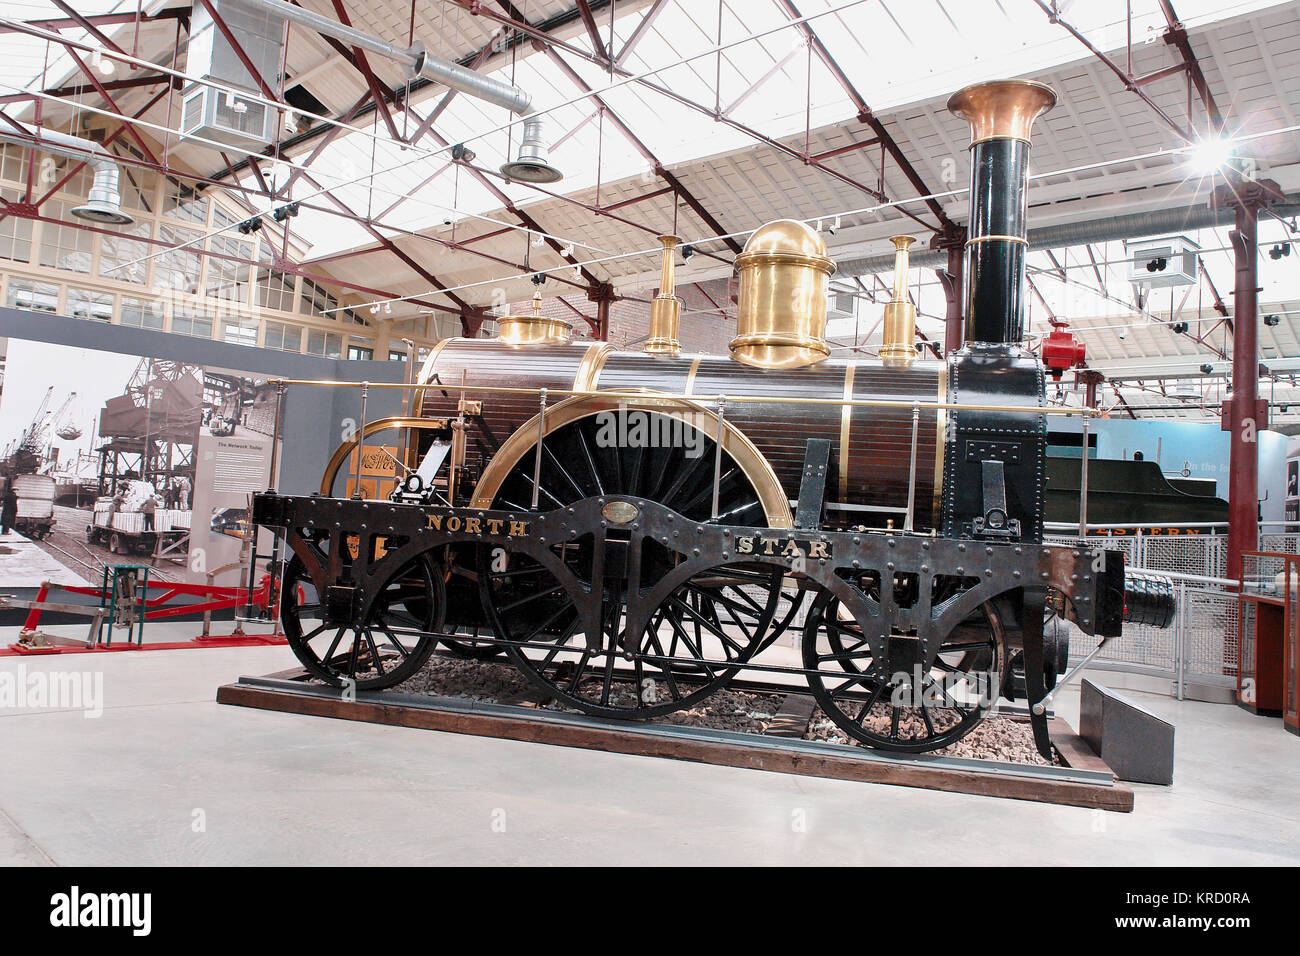 Ein Display um Isambard Kingdom Brunel in der Swindon Steam Railway Museum zentriert. Die North Star war einer der Stockbild